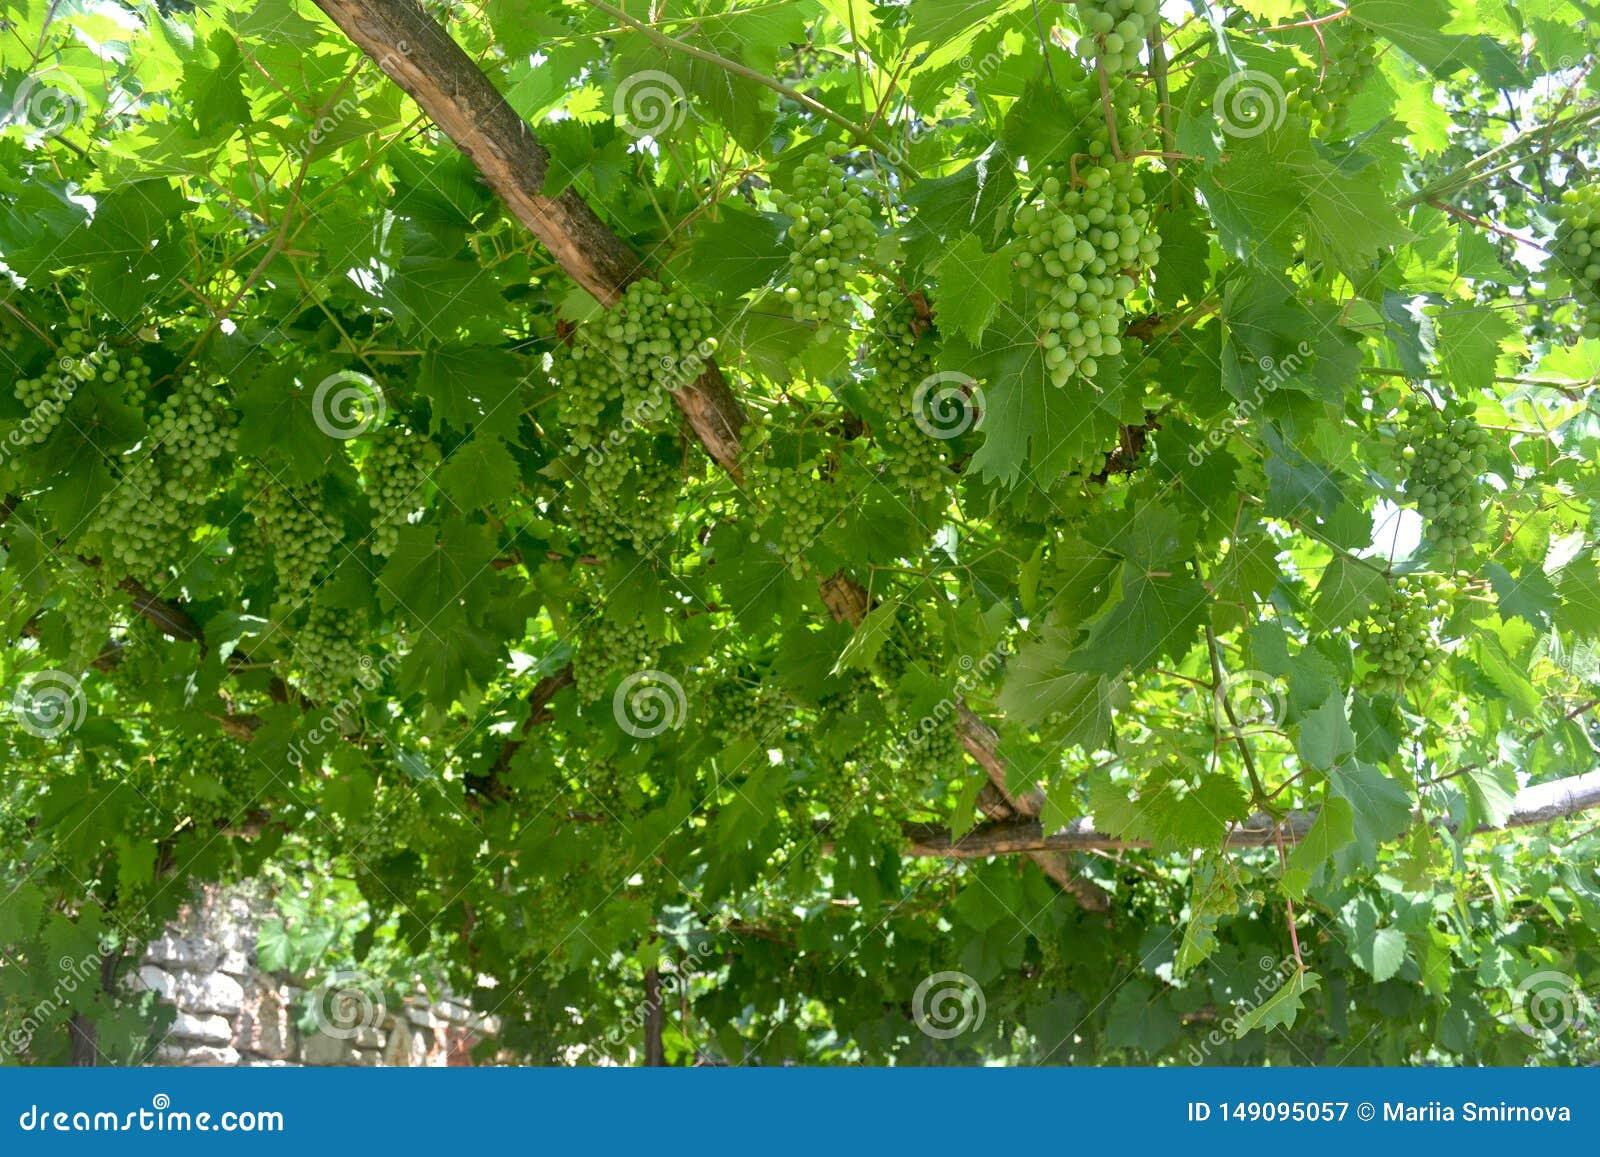 Groene wijnstok op blauwe achtergrond De zomerachtergrond